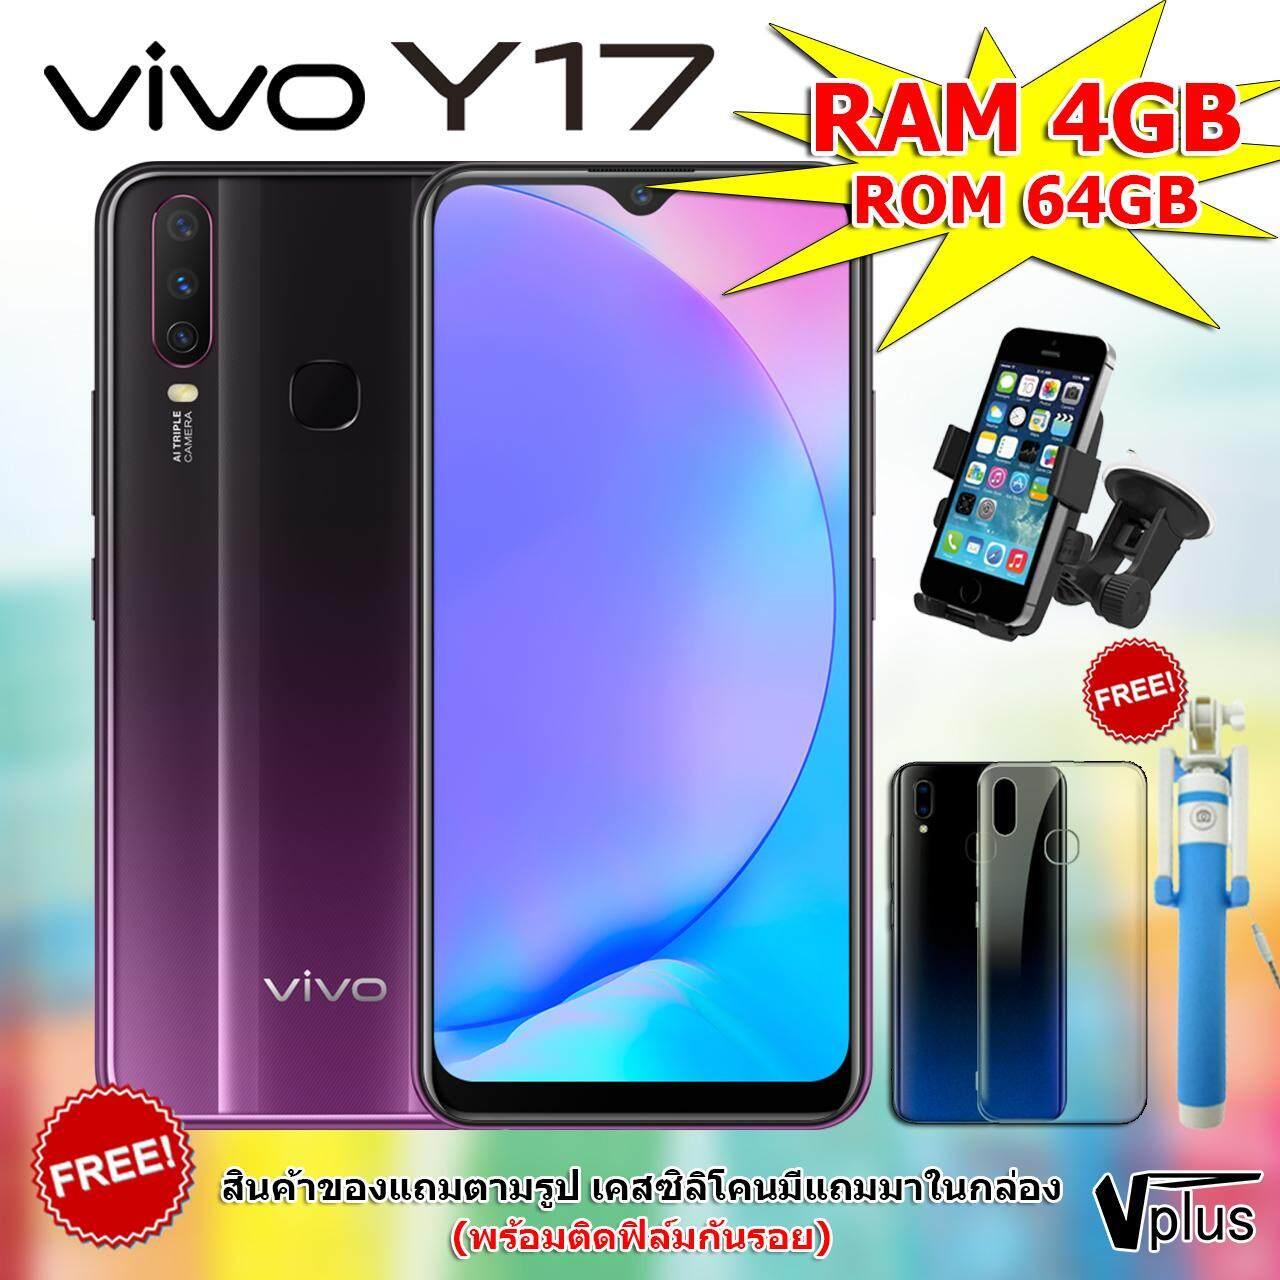 Vivo Y17 (Ram 4GB / Rom 64GB) เครื่องใหม่ เครื่องศูนย์ไทย